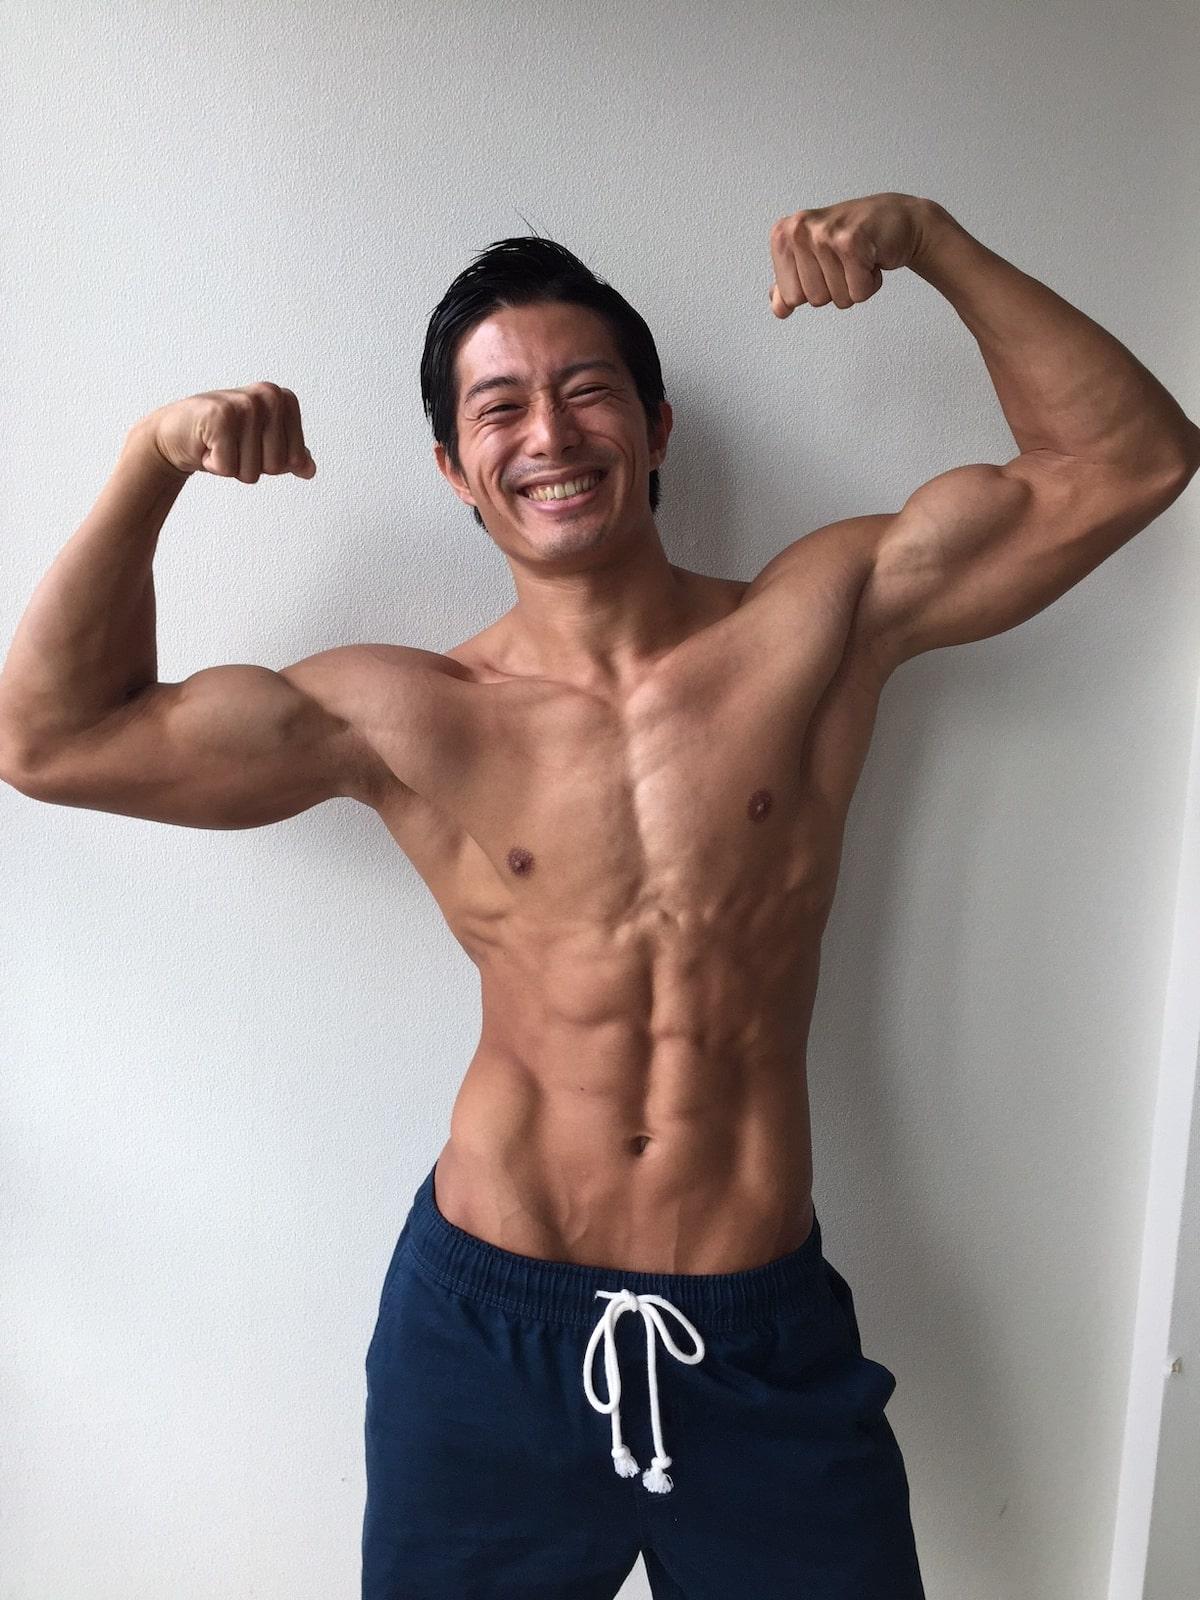 超新塾コアラ小嵐が筋肉について語るセミナー開催 - お笑いナタリー